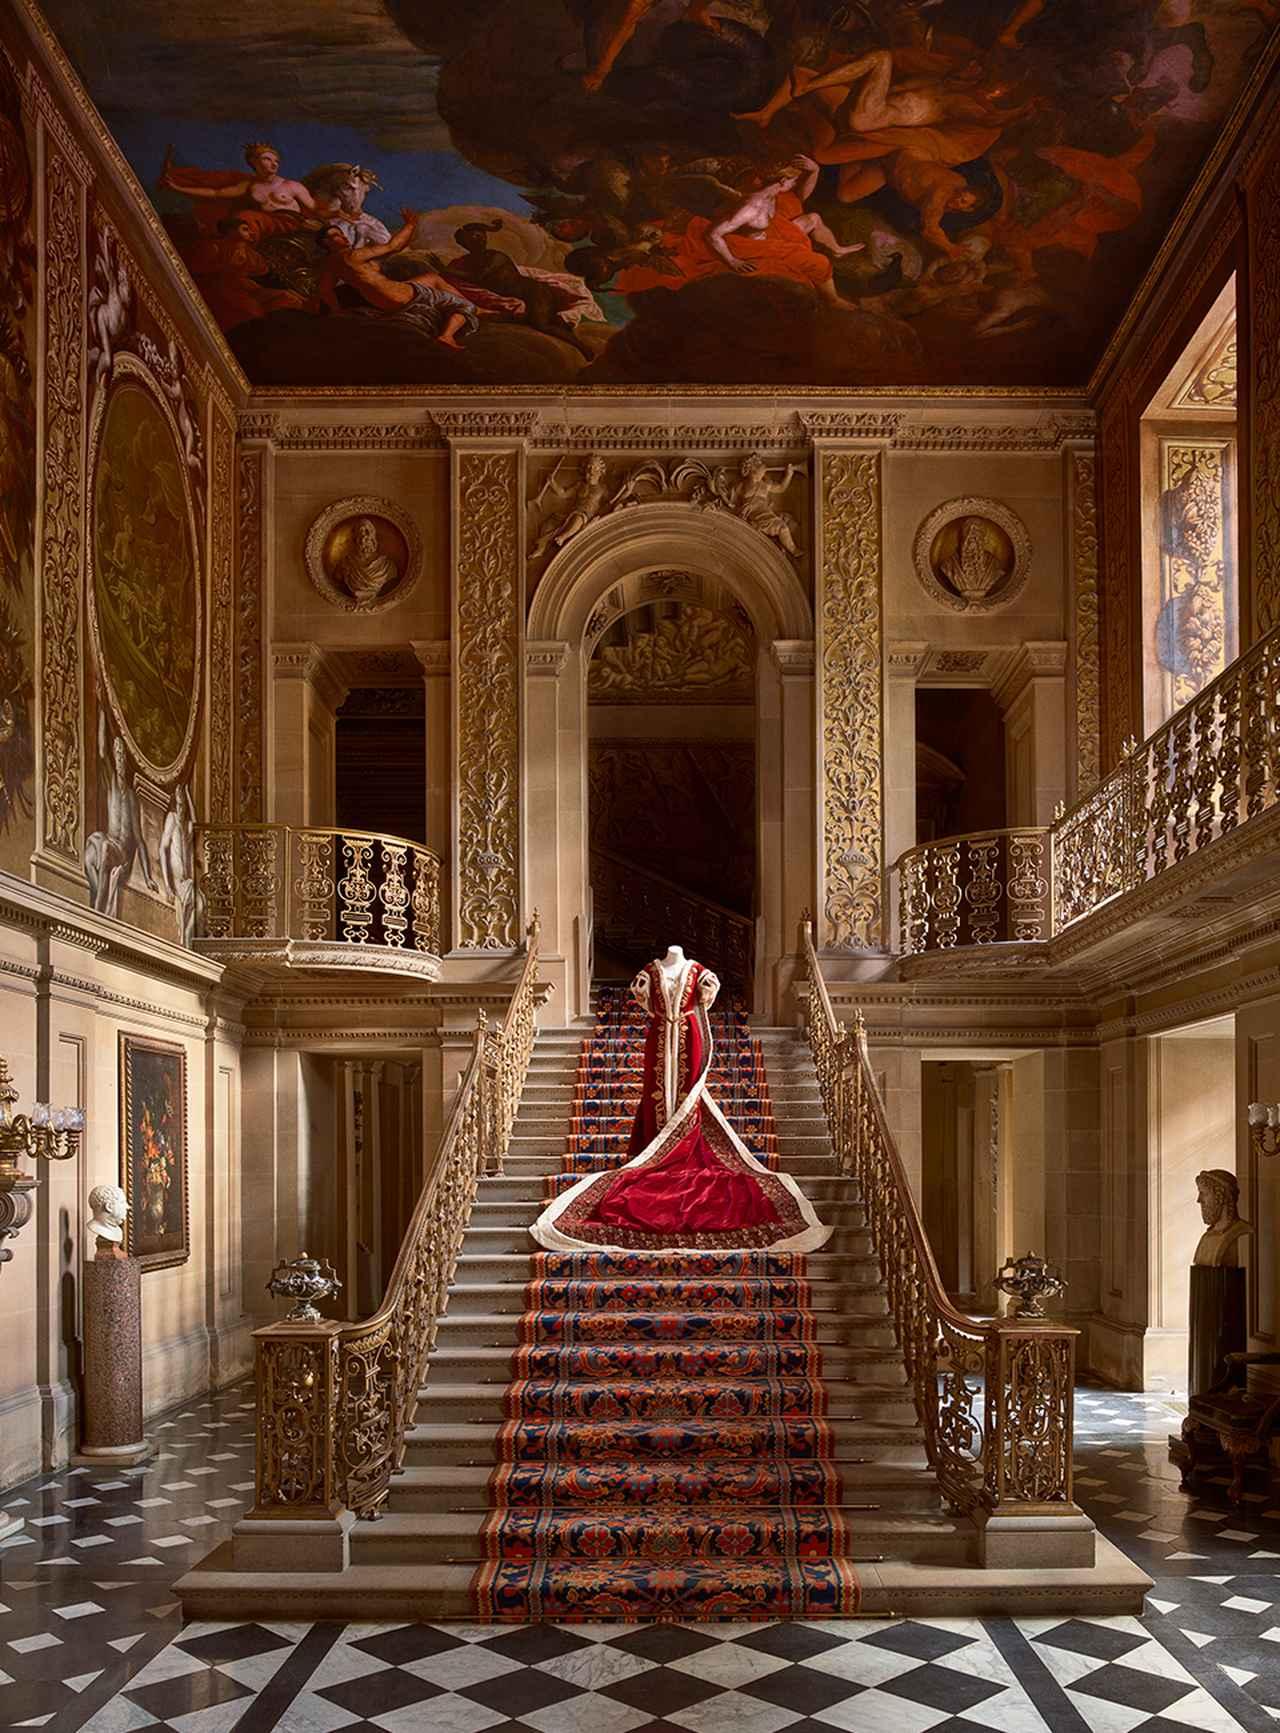 Images : 2番目の画像 - 「わざわざ飛行機に 乗ってでも出かけたい。 イギリスの古城での展覧会」のアルバム - T JAPAN:The New York Times Style Magazine 公式サイト